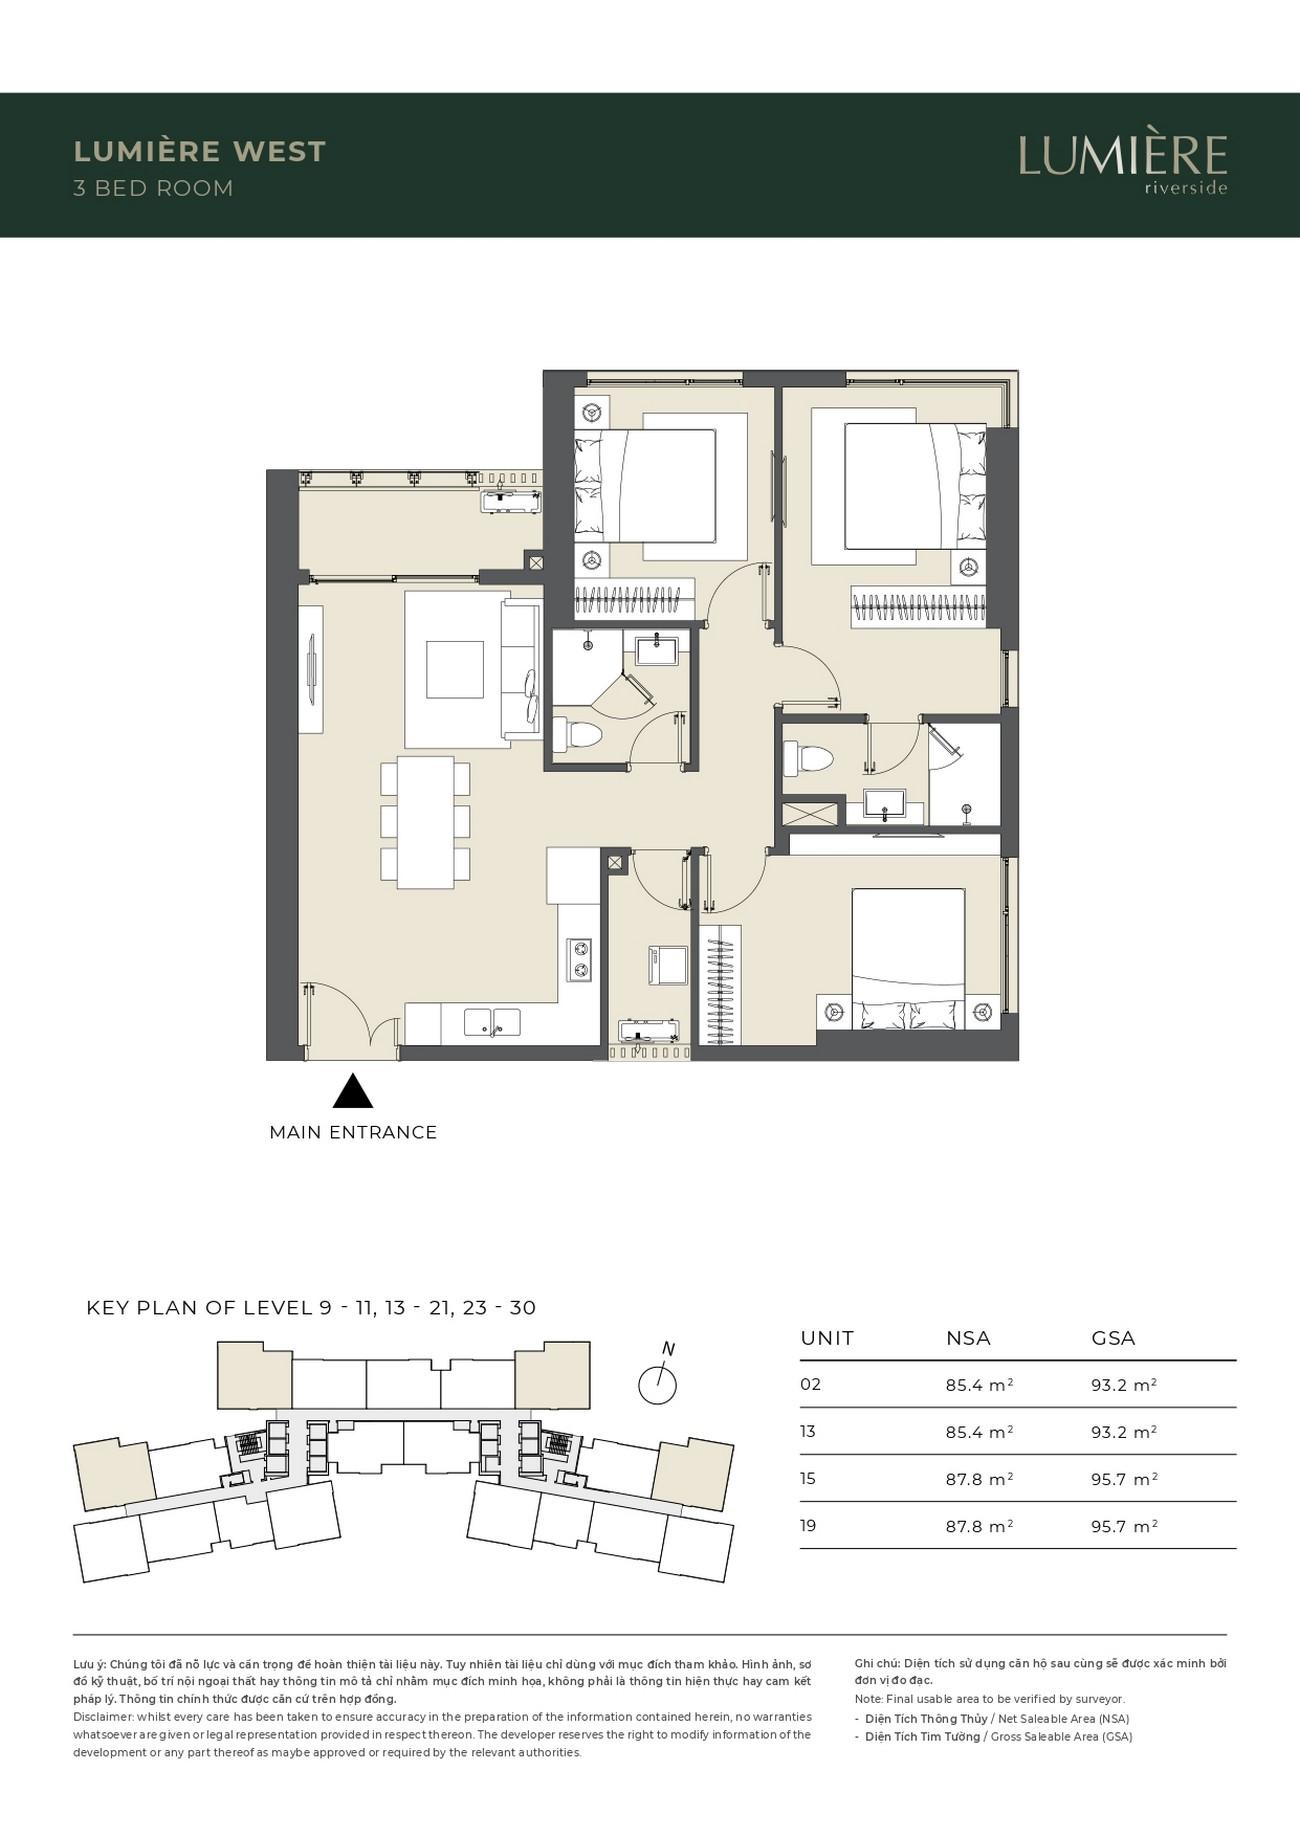 Thiết kế căn 3 phòng ngủ dự án căn hộ chung cư Masterise Lumière Riverside Quận 2 Đường Xa Lộ Hà Nội chủ đầu tư Masterise Homes